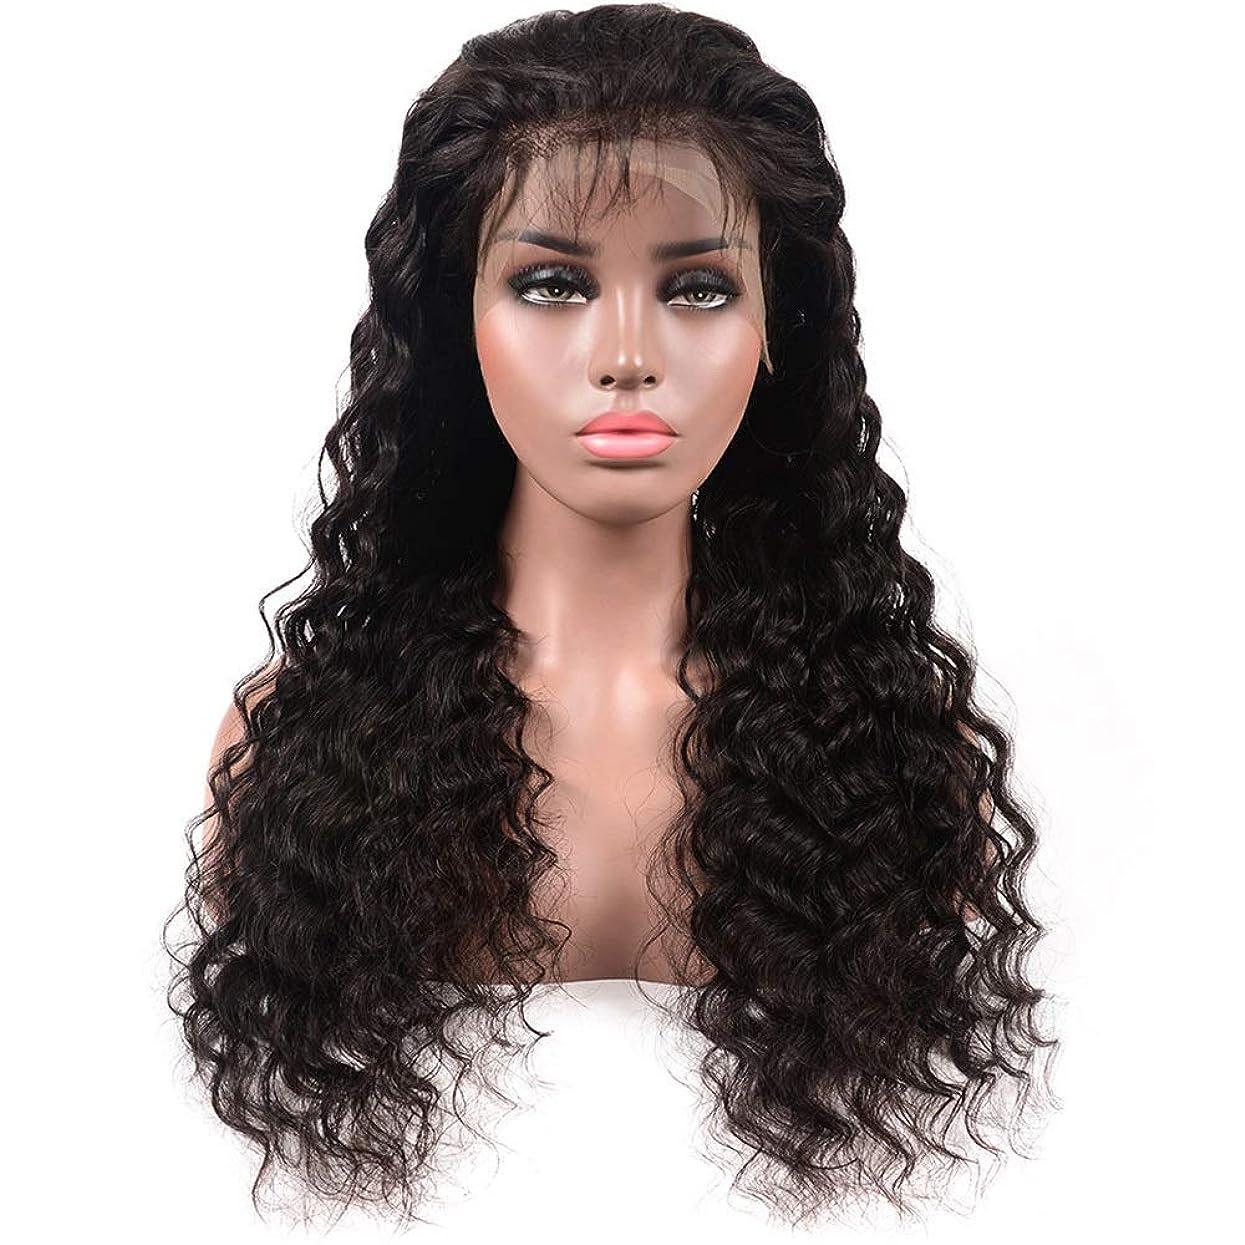 あまりにも代わって相対性理論YESONEEP ディープウェーブハーフハンド100%本物の人間の髪の毛の自然な黒の長い巻き毛のレースフロントかつら女性の毎日のドレス(8